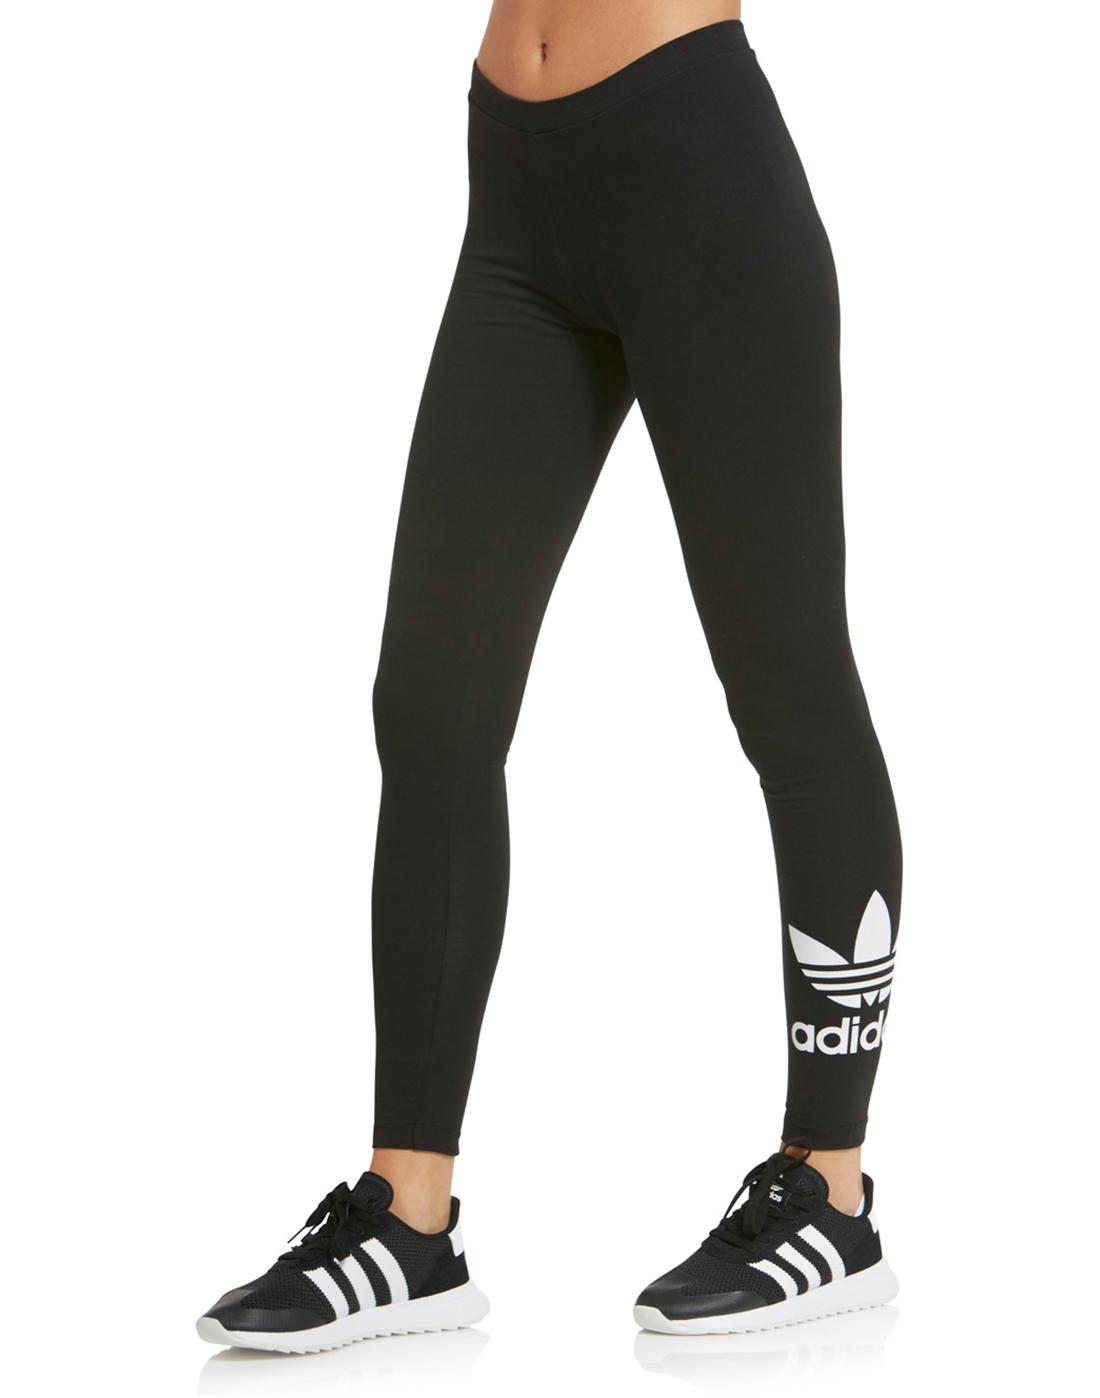 c907b958f adidas Originals Womens Trefoil Legging